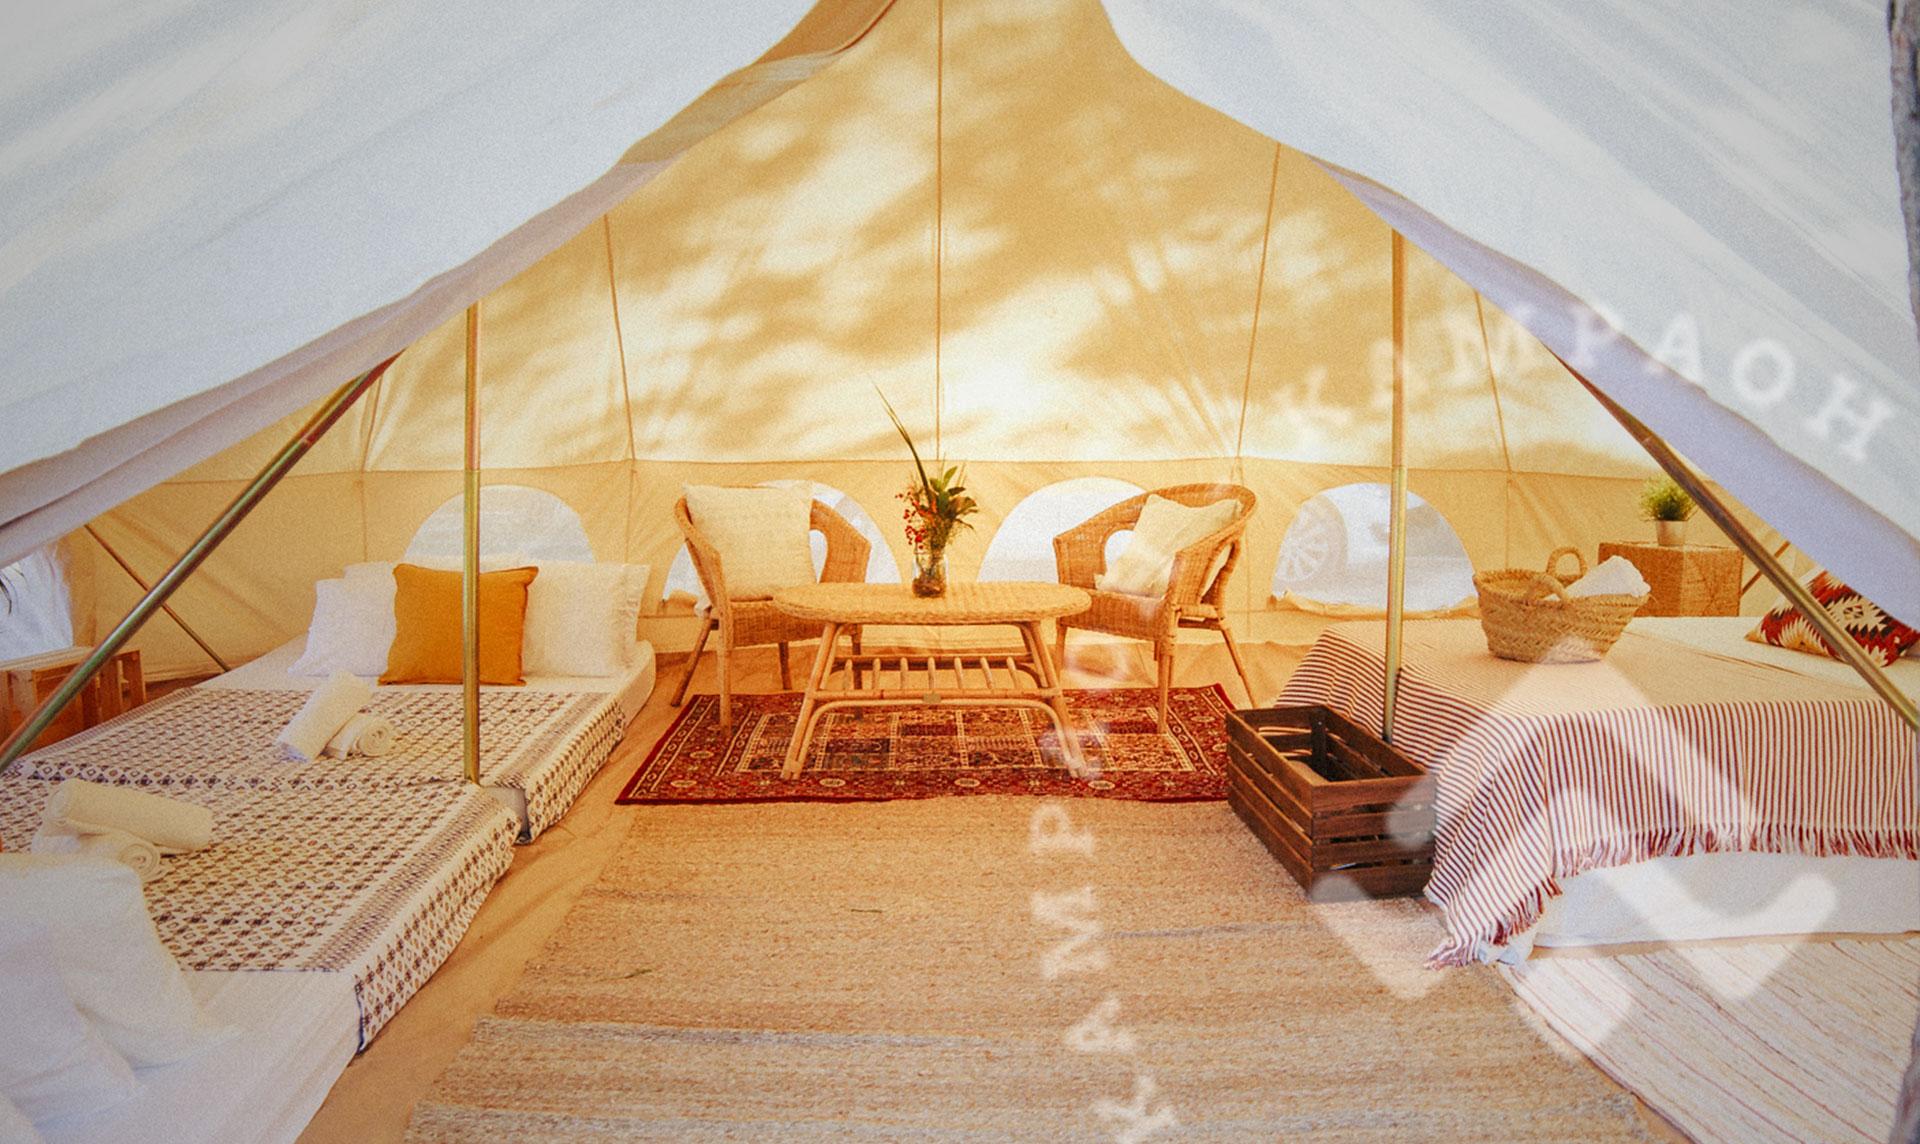 Kampaoh - Campings sin líos! Alquiler de tiendas de campaña todo incluido